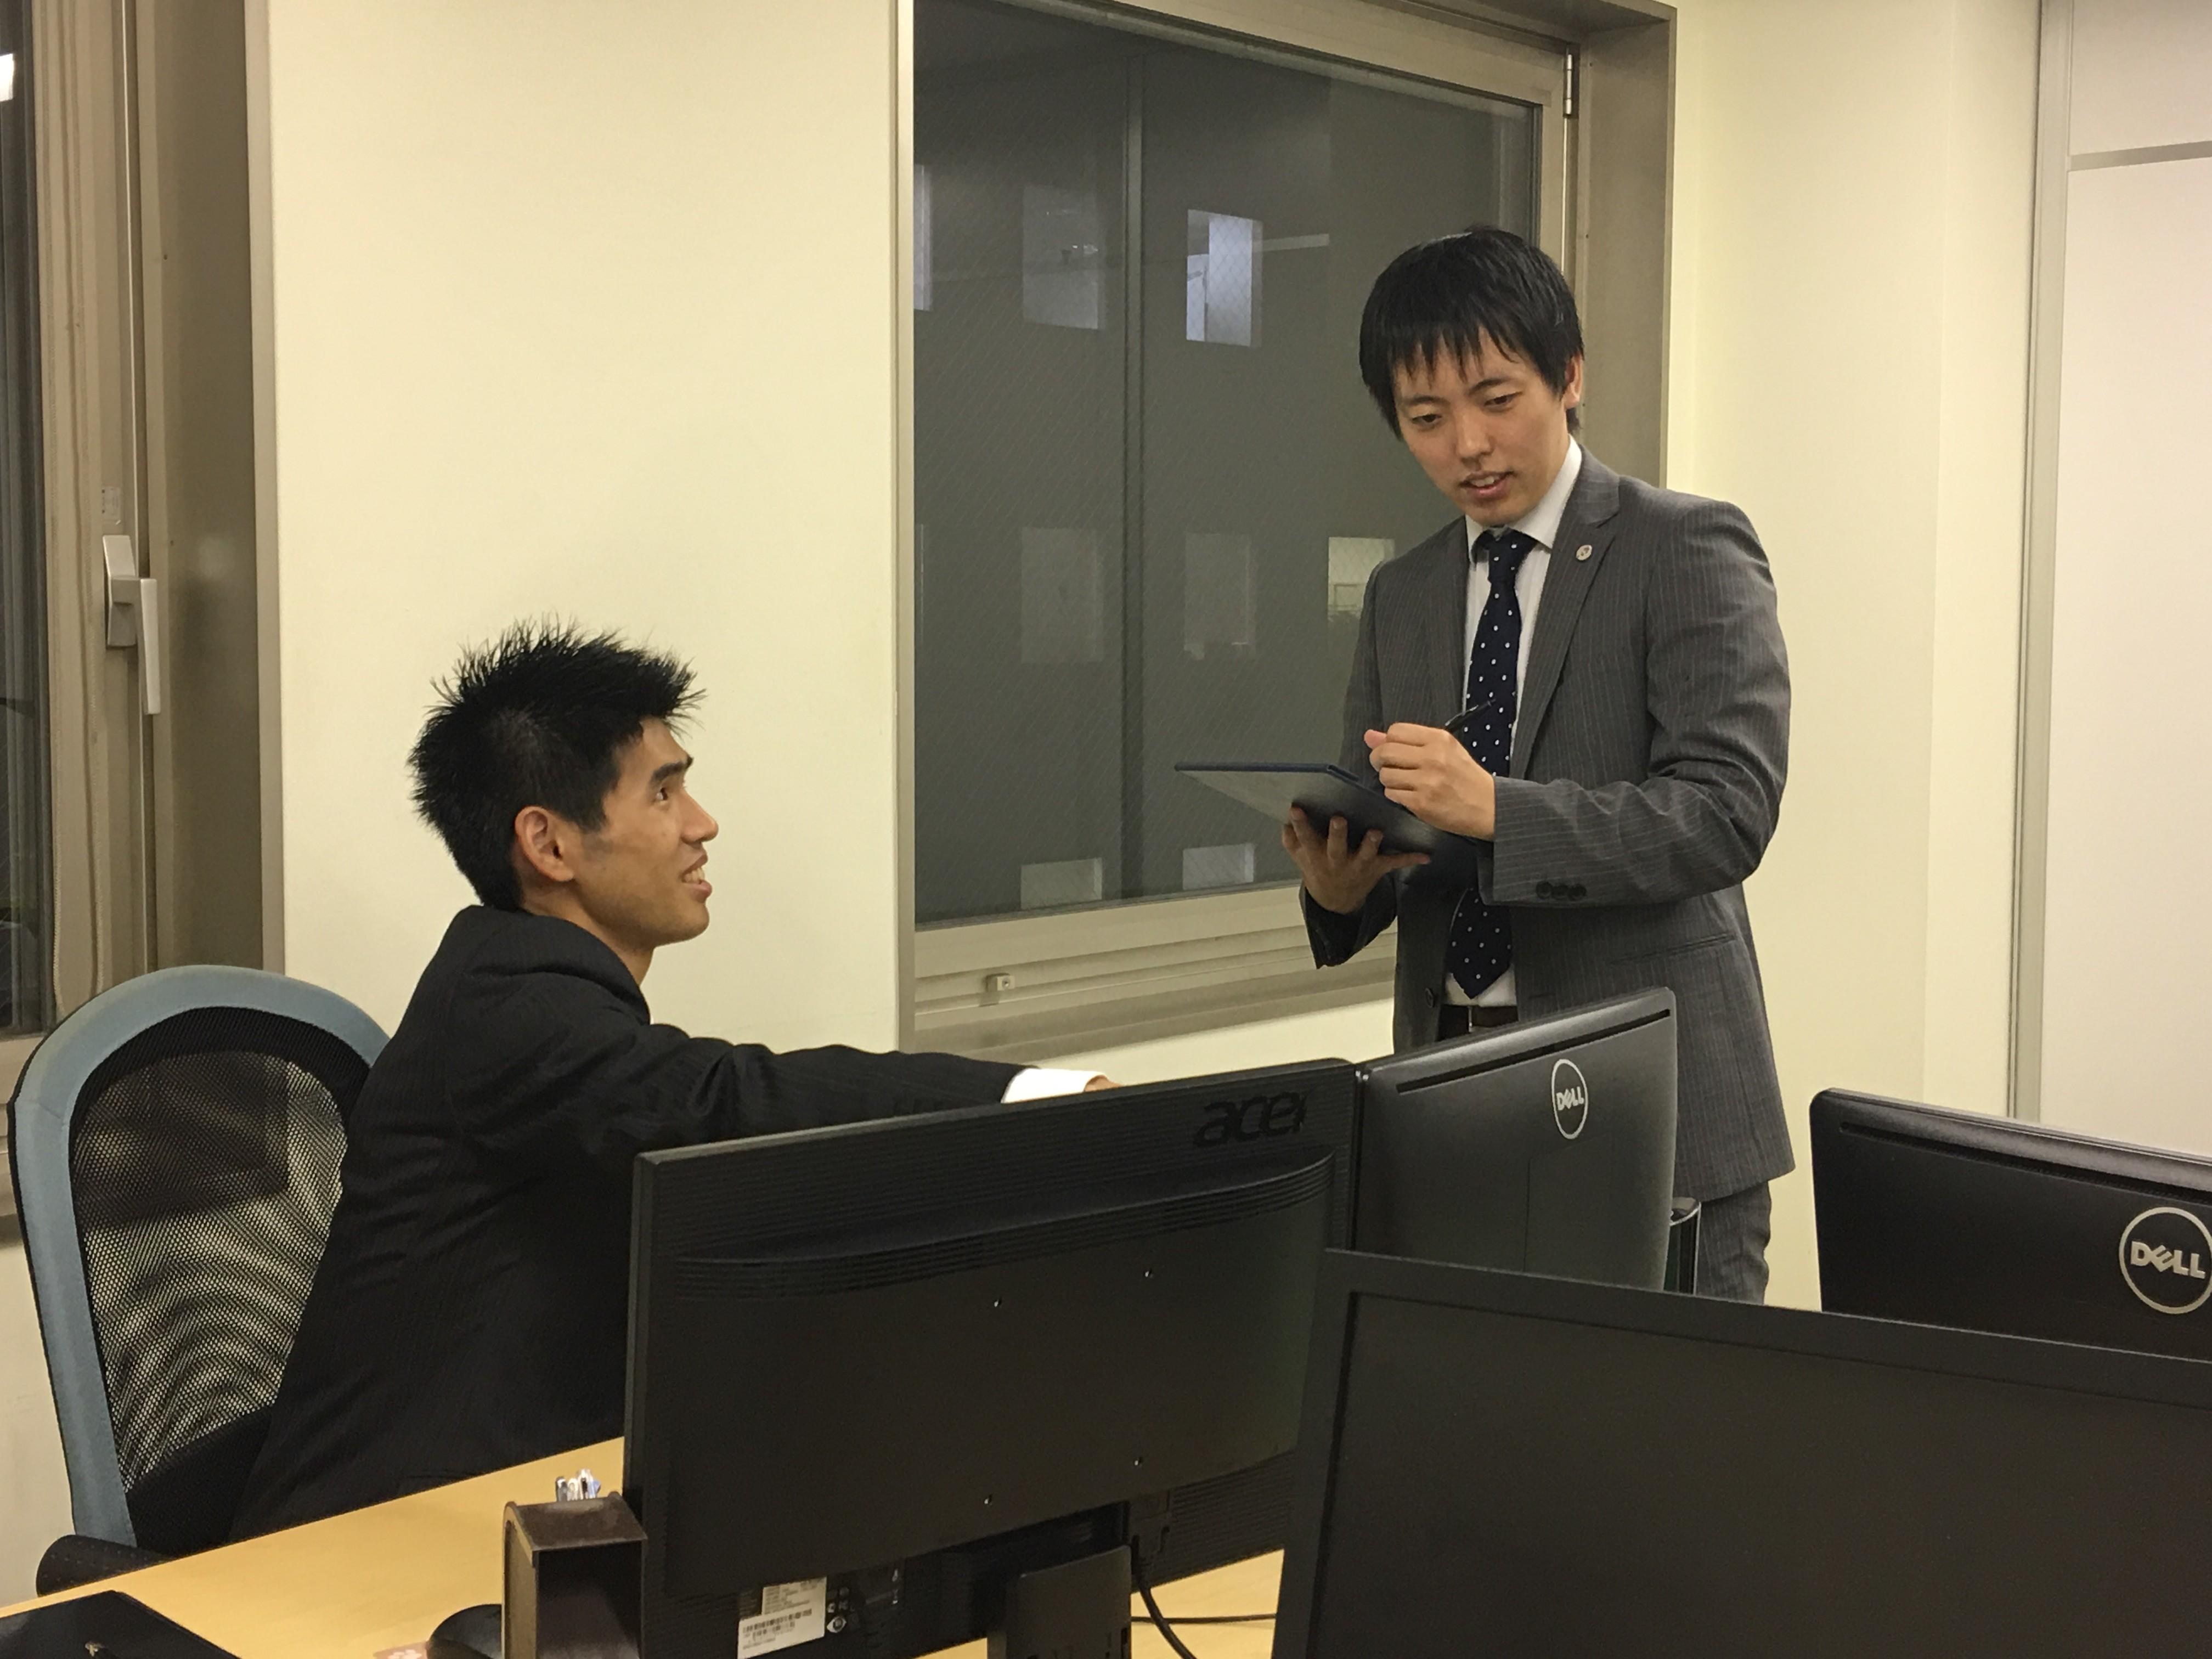 日本メディカル株式会社 千葉支店 のアルバイト情報